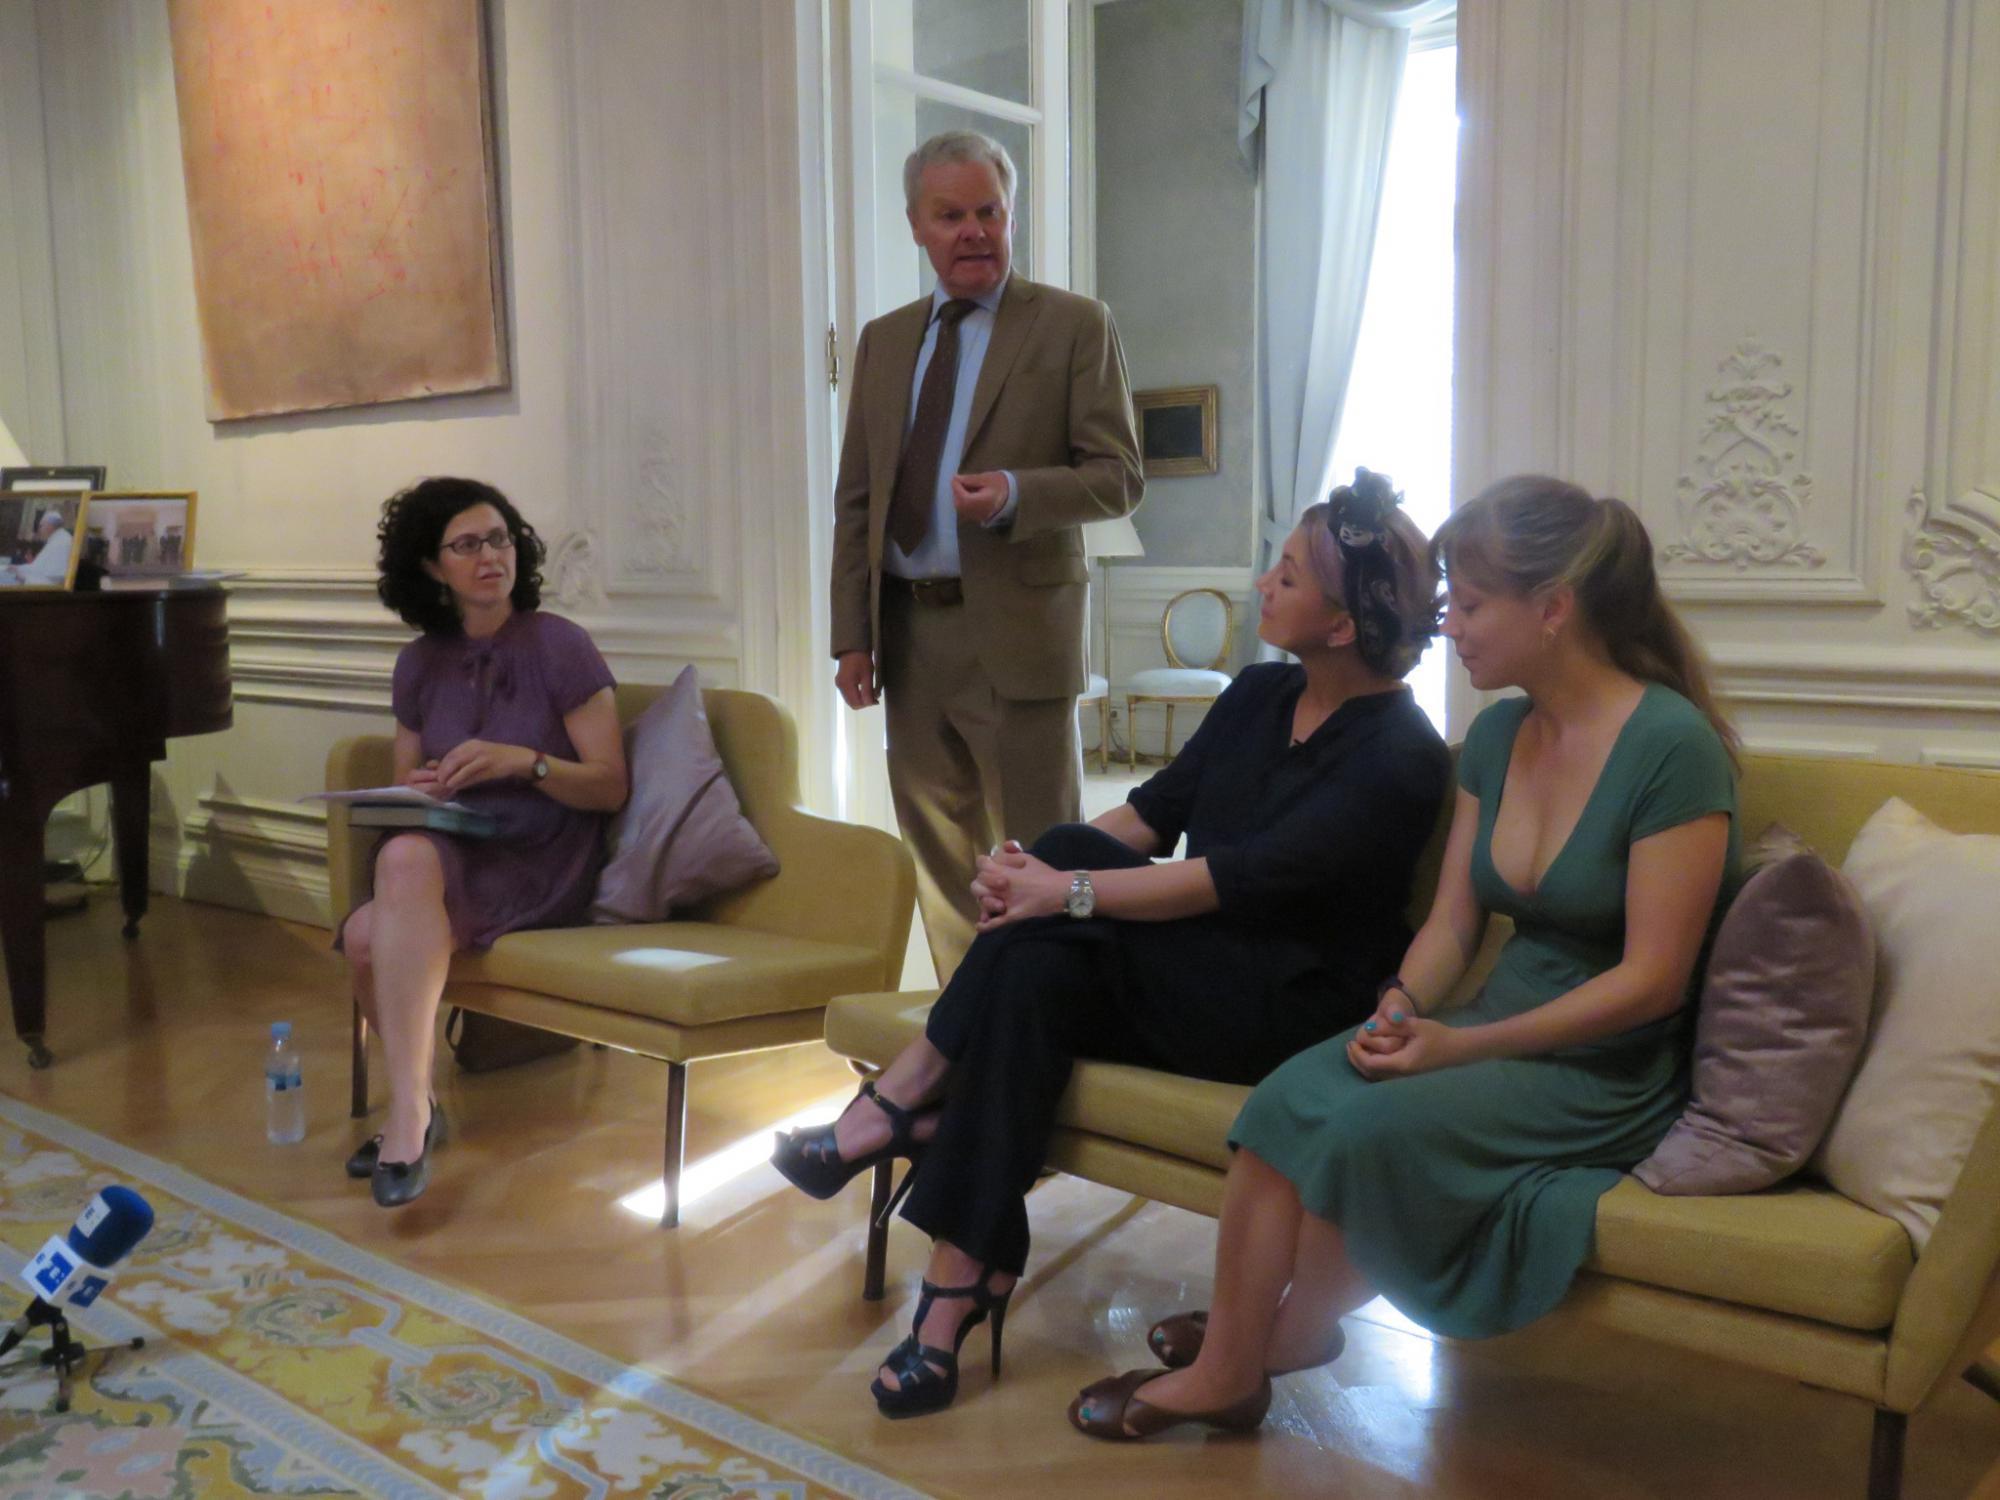 Presentación de la edición conmemorativa en la Residencia de la Embajada de Suecia en Madrid